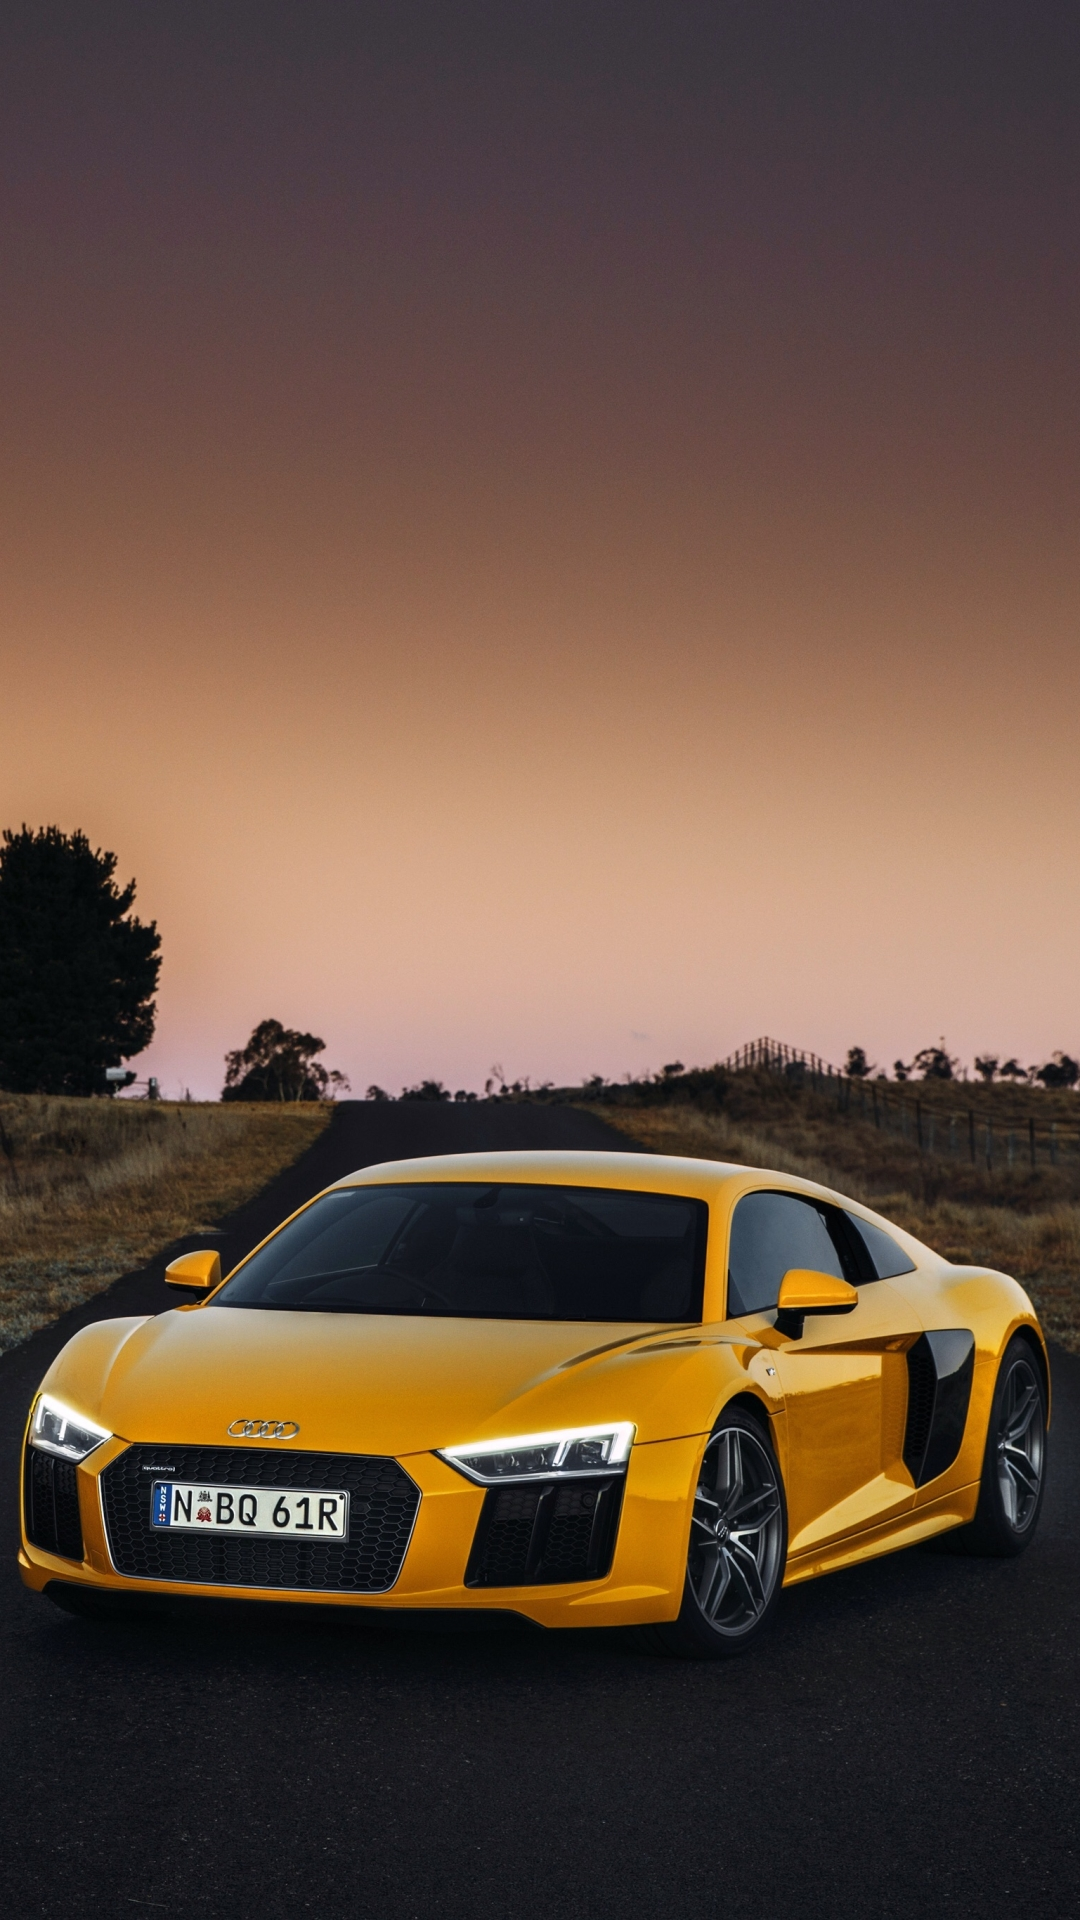 Audi R8 Hd Mobile Wallpapers Wallpaper Cave